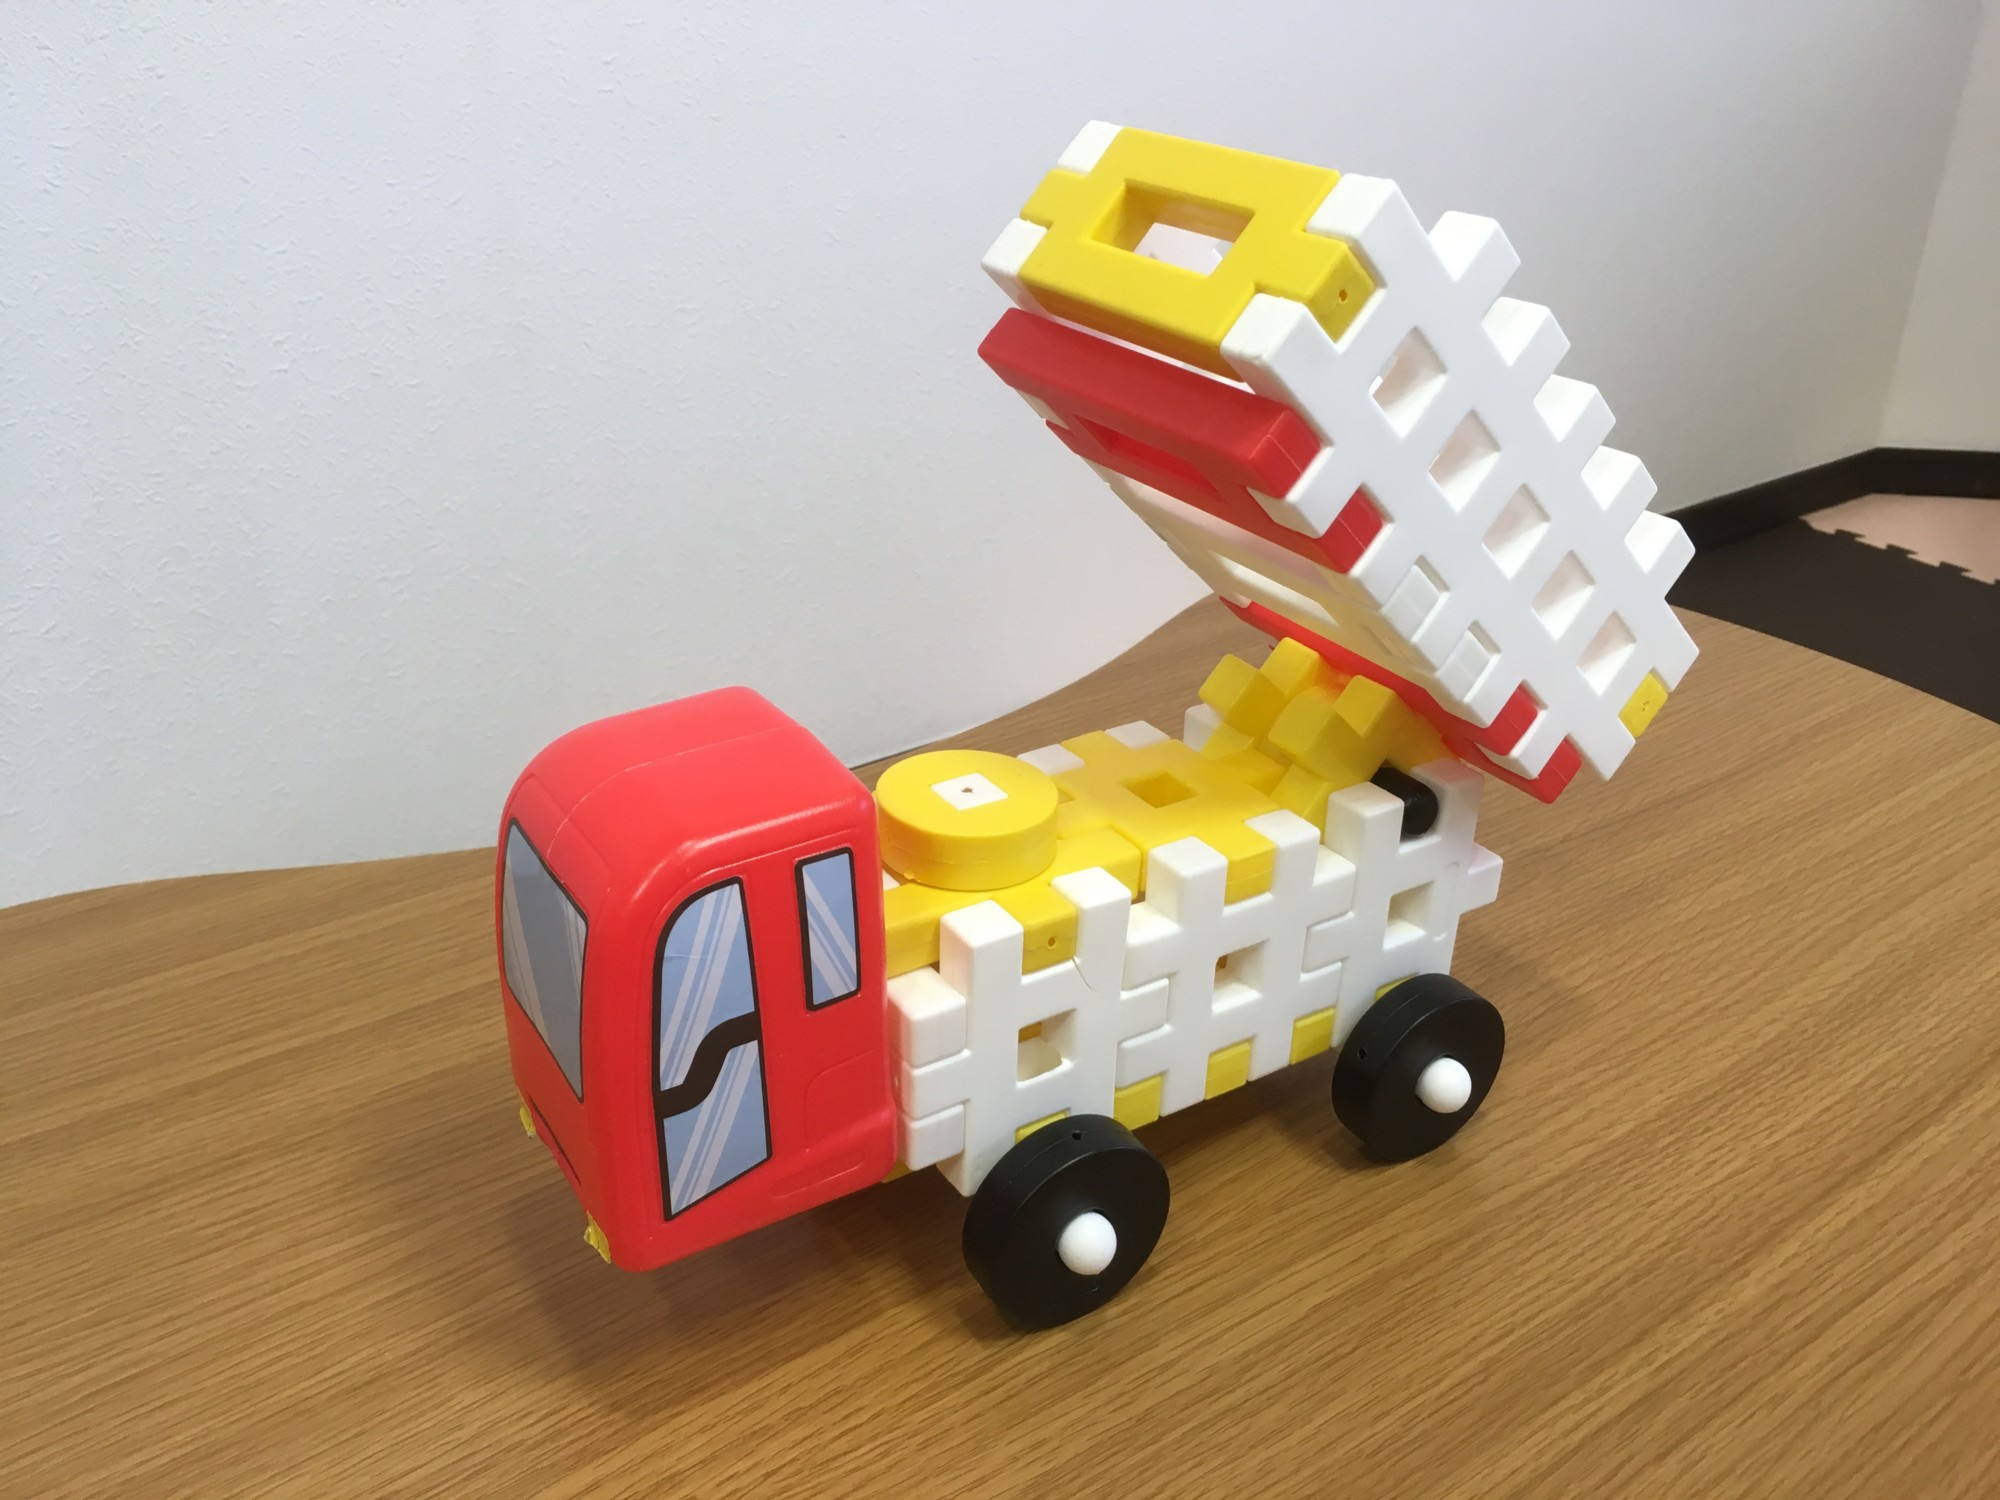 【ニューブロック】こどもが遊べるトラック(荷台が動く!)を簡単に作る方法